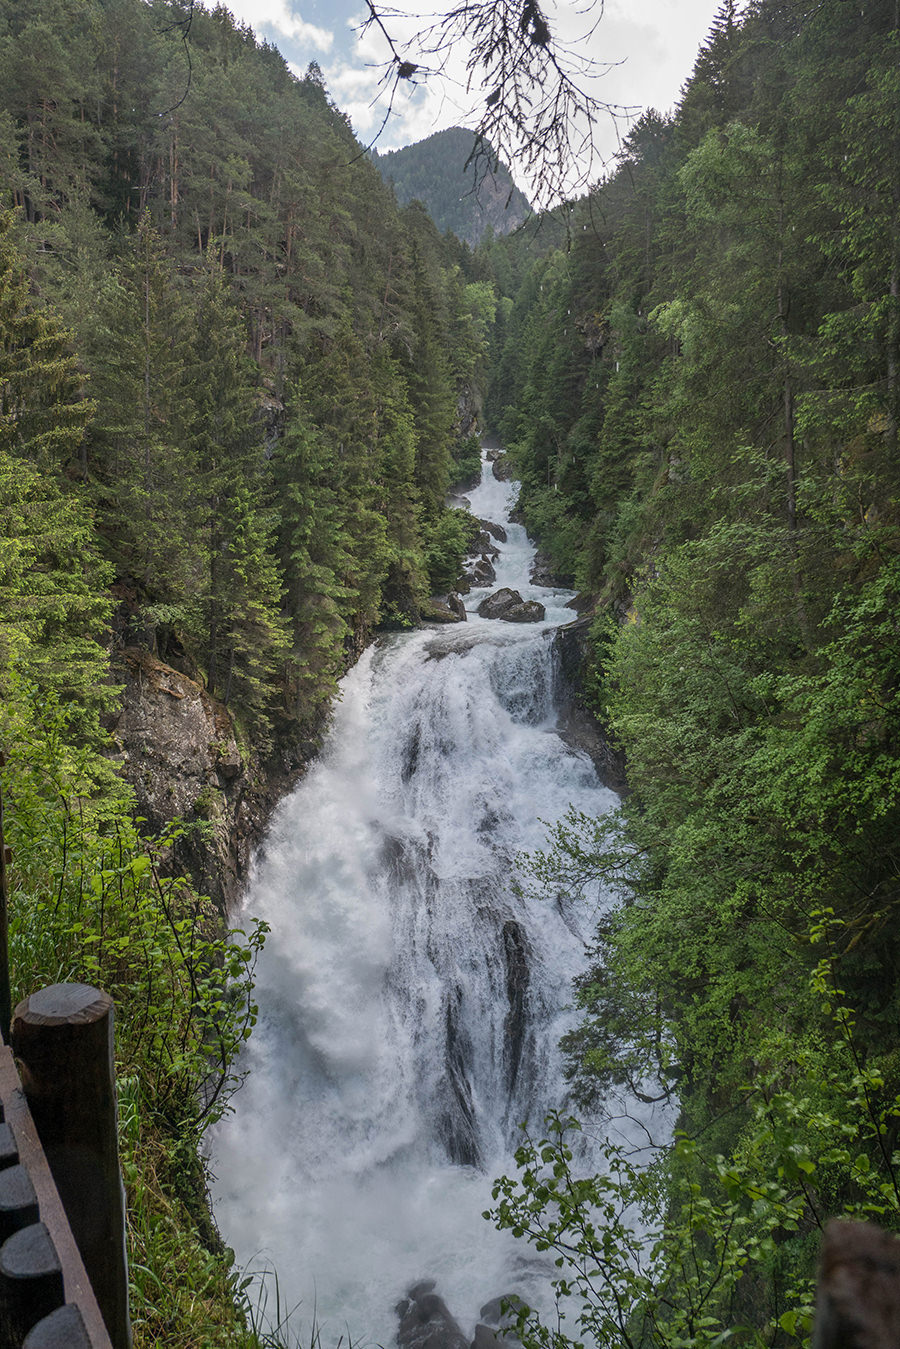 A Tasty Hike Wanderung Reinbach Wasserfaelle bei Sand in Taufers in Suedtirol - Wasserfall Nr 2